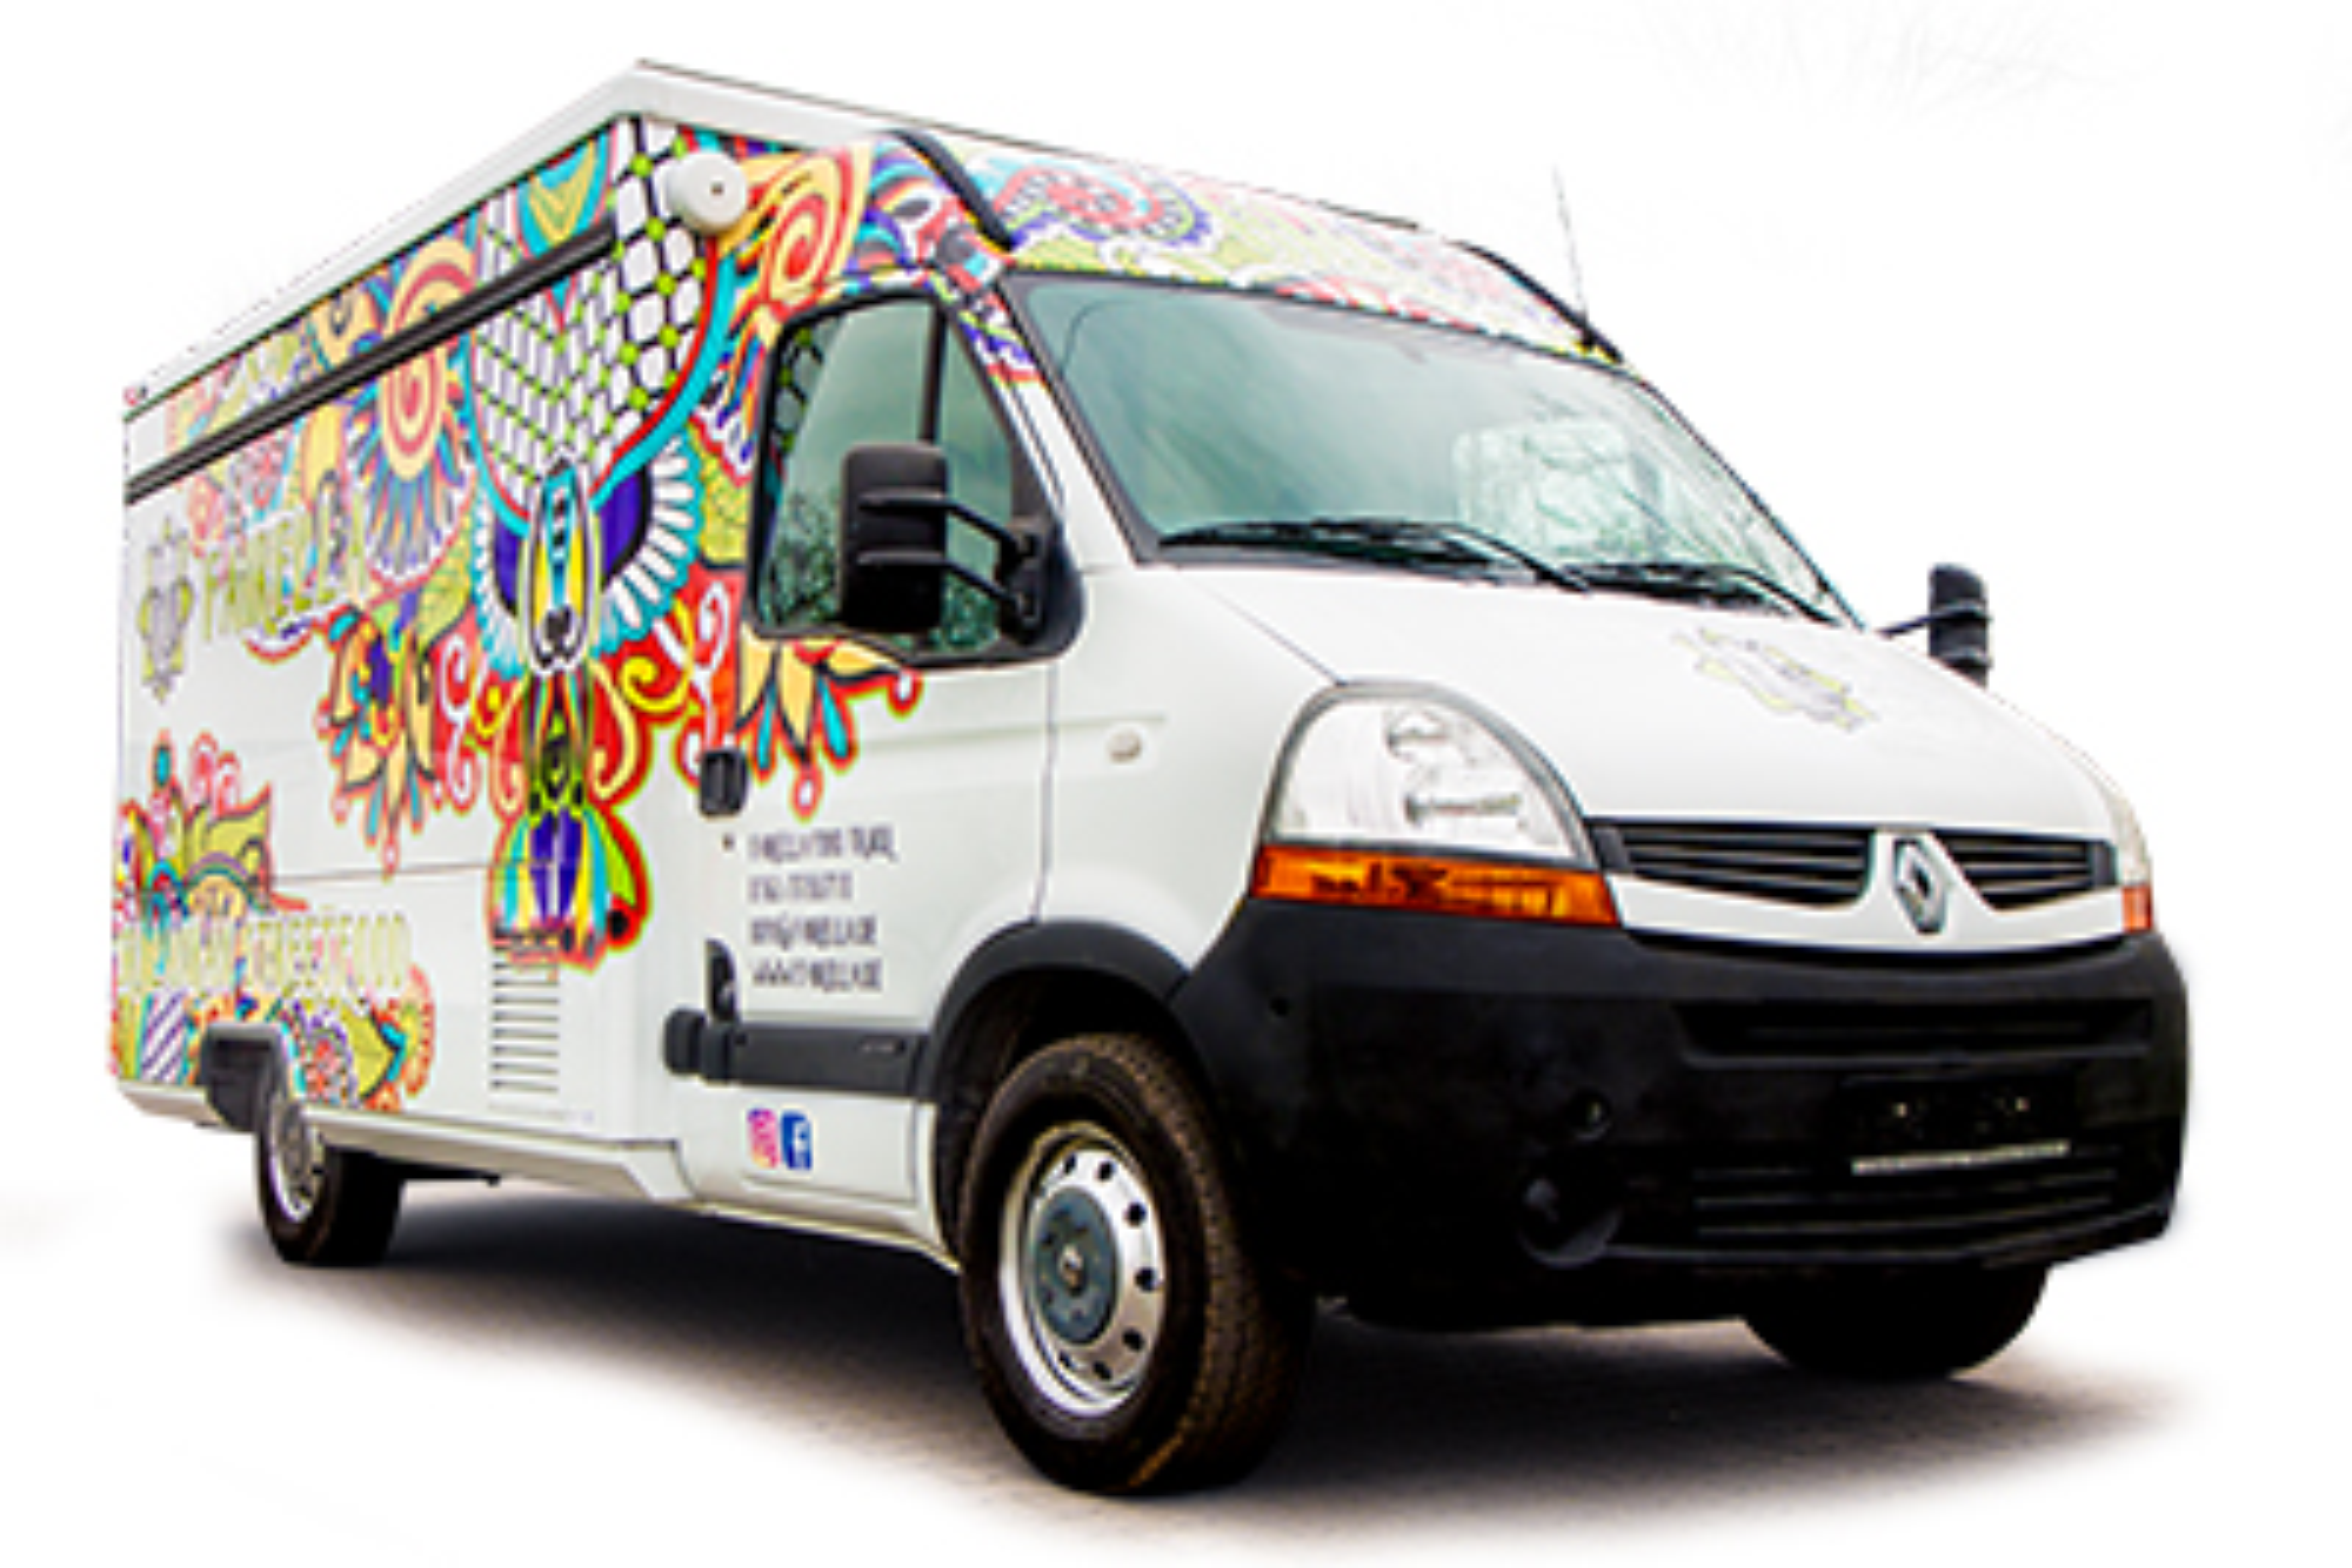 Fahrzeug Design, Verklebung, Fahrzeugbeschriftung, Klebefolien im Kundenauftrag, Design